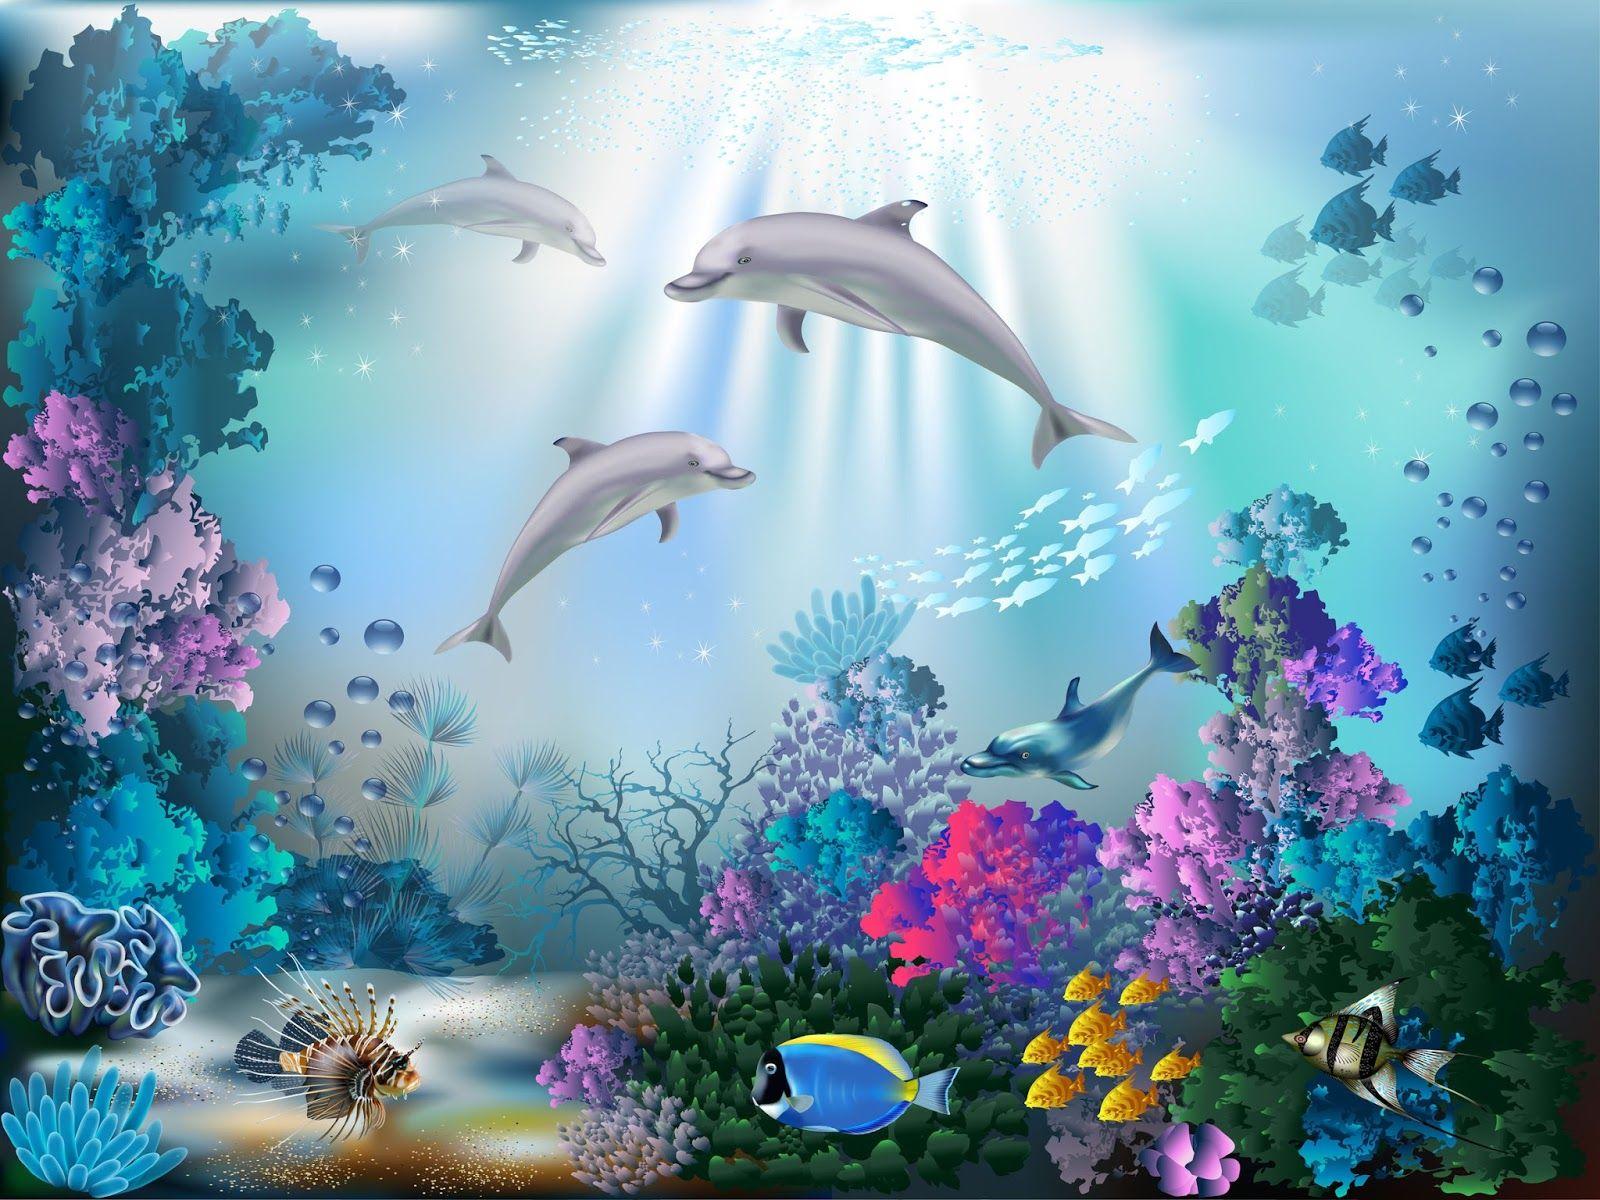 Fondo marino con peces de colores, arrecifes, corales y delfines ...